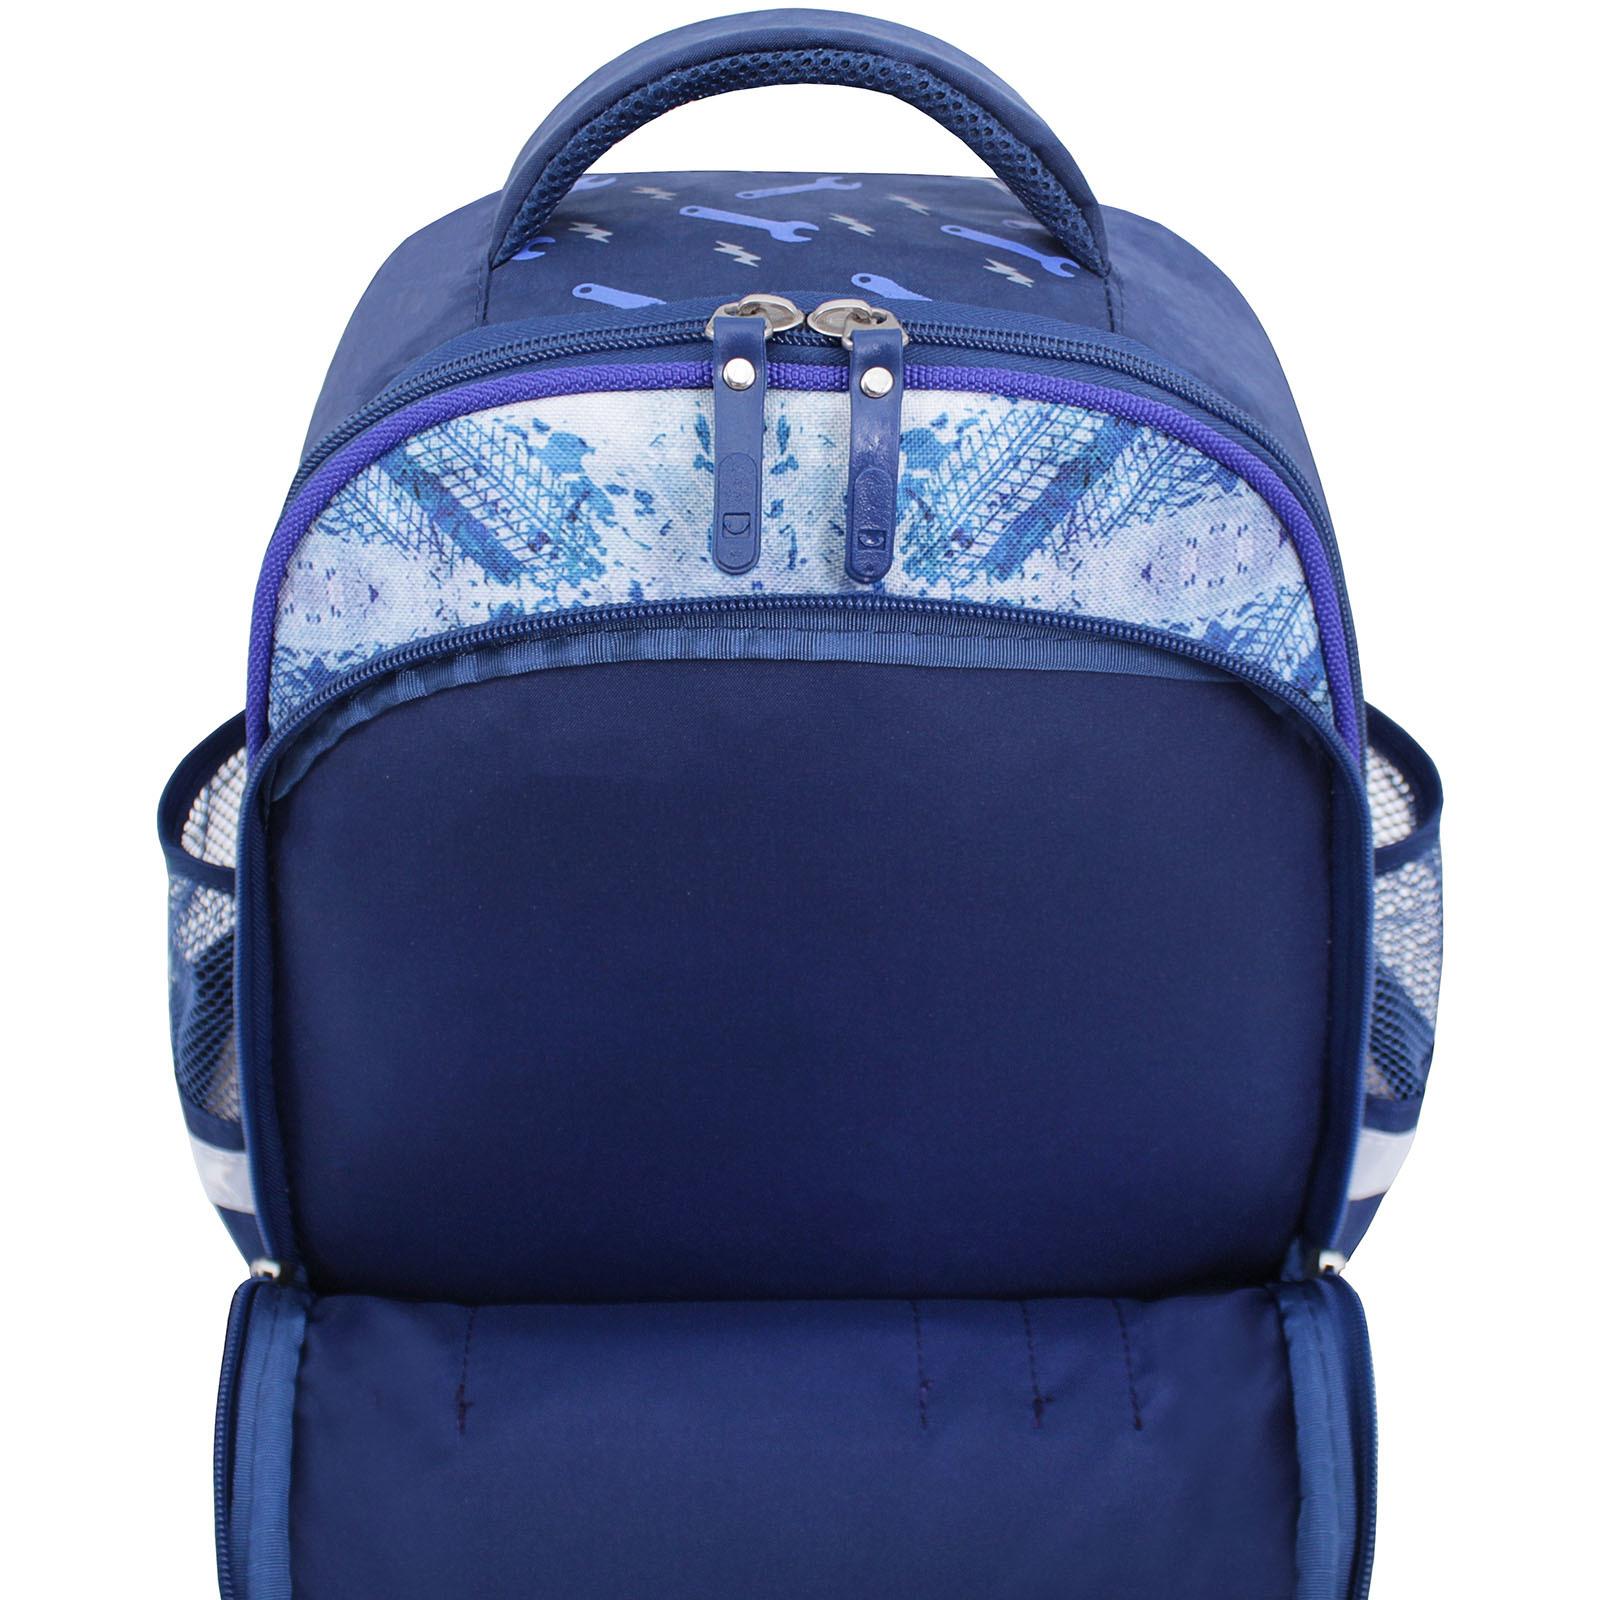 Рюкзак школьный Bagland Mouse 225 синий 534 (0051370) фото 5